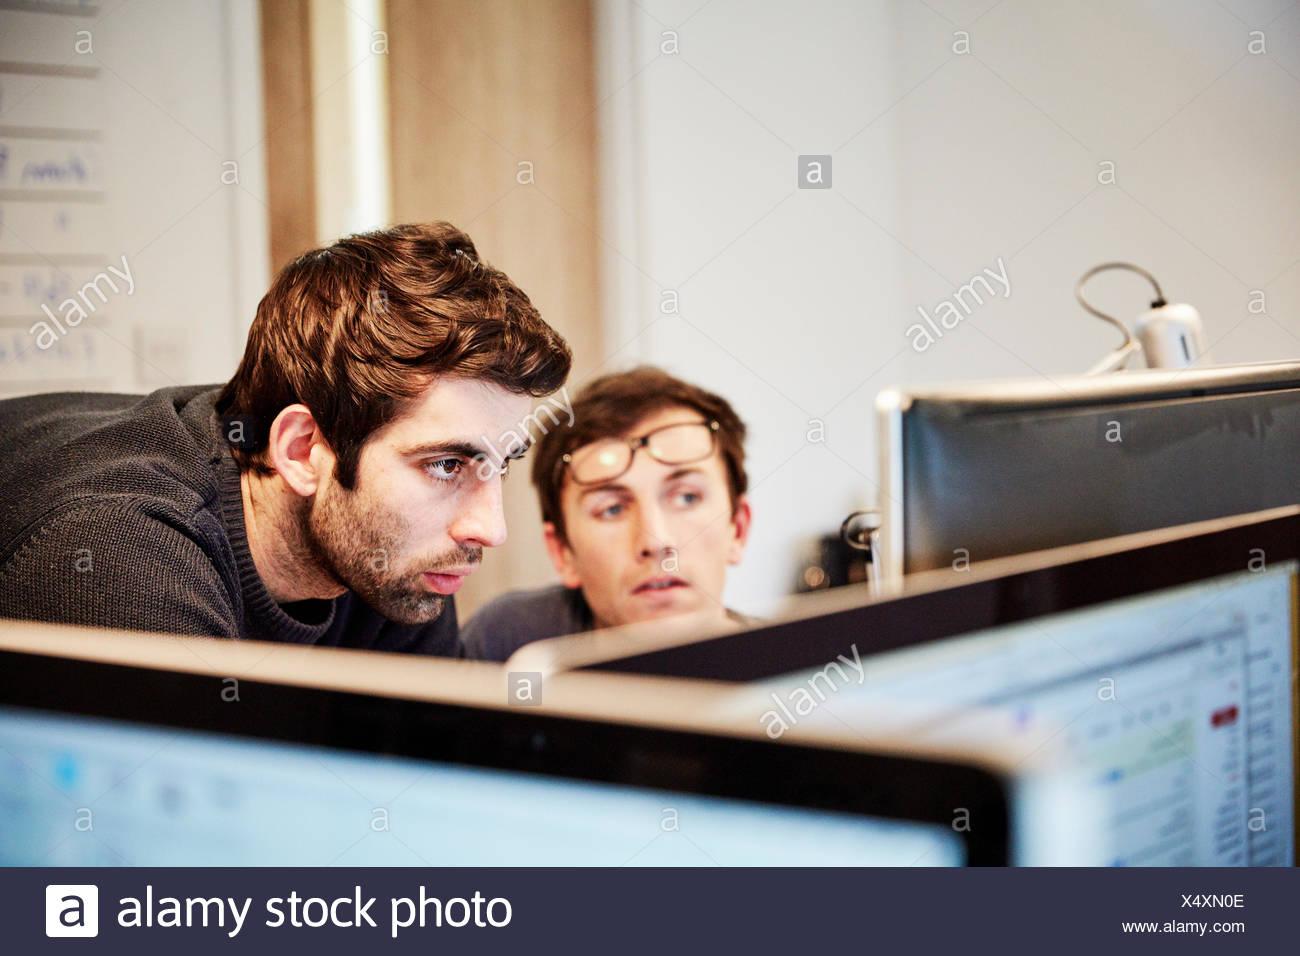 Un atelier de meubles ,deux personnes discutant un dessin faisant référence à des dessins et d'ordinateurs portables Photo Stock